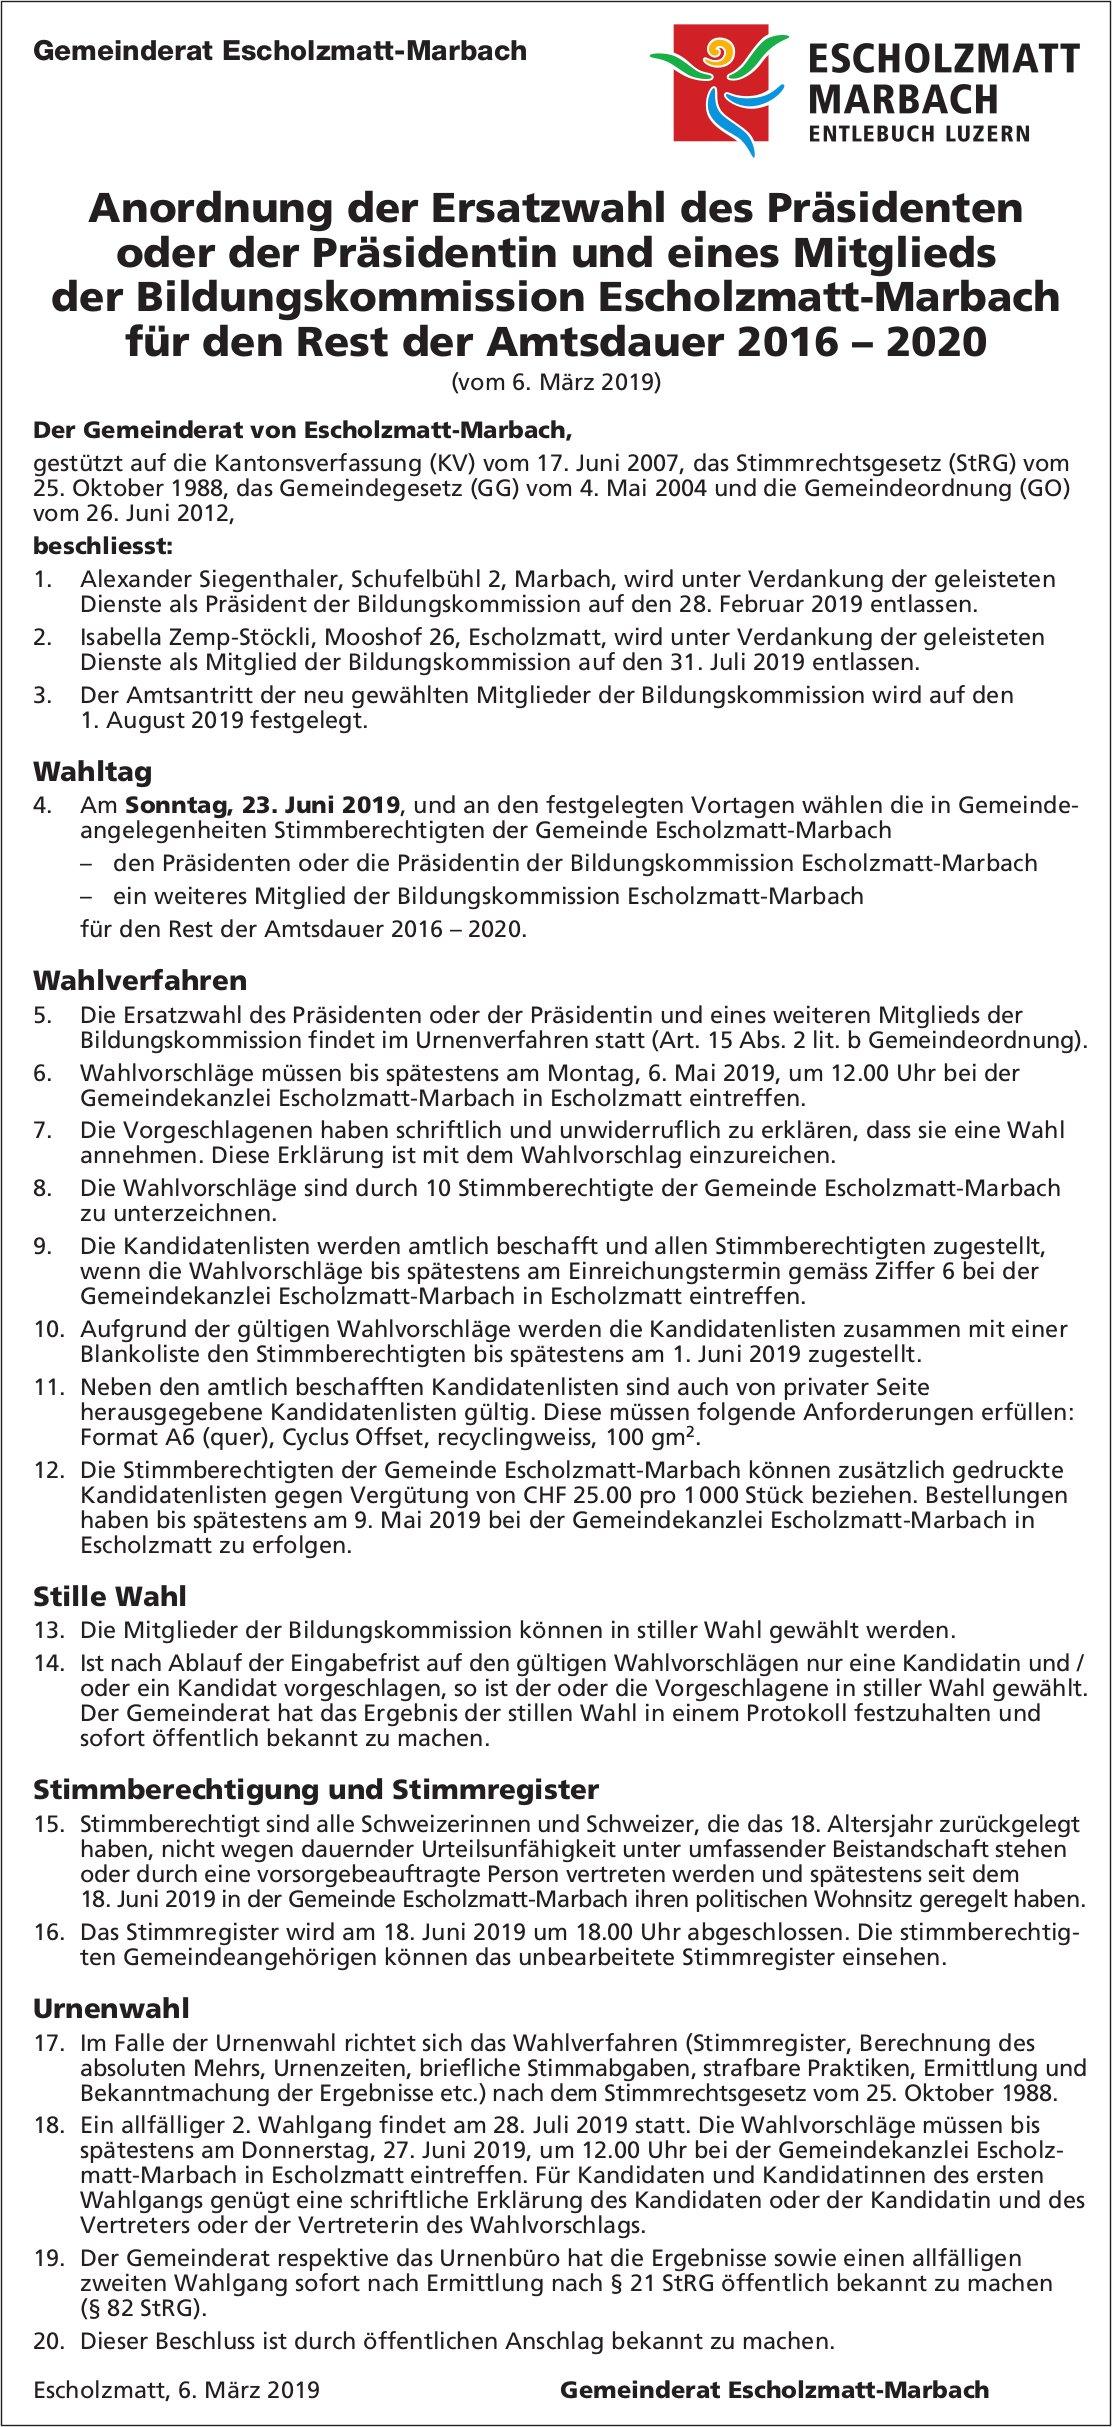 Ersatzwahl des/der Präsidenten/-in & eines Mitglieds der Bildungskommission Escholzmatt-Marbach